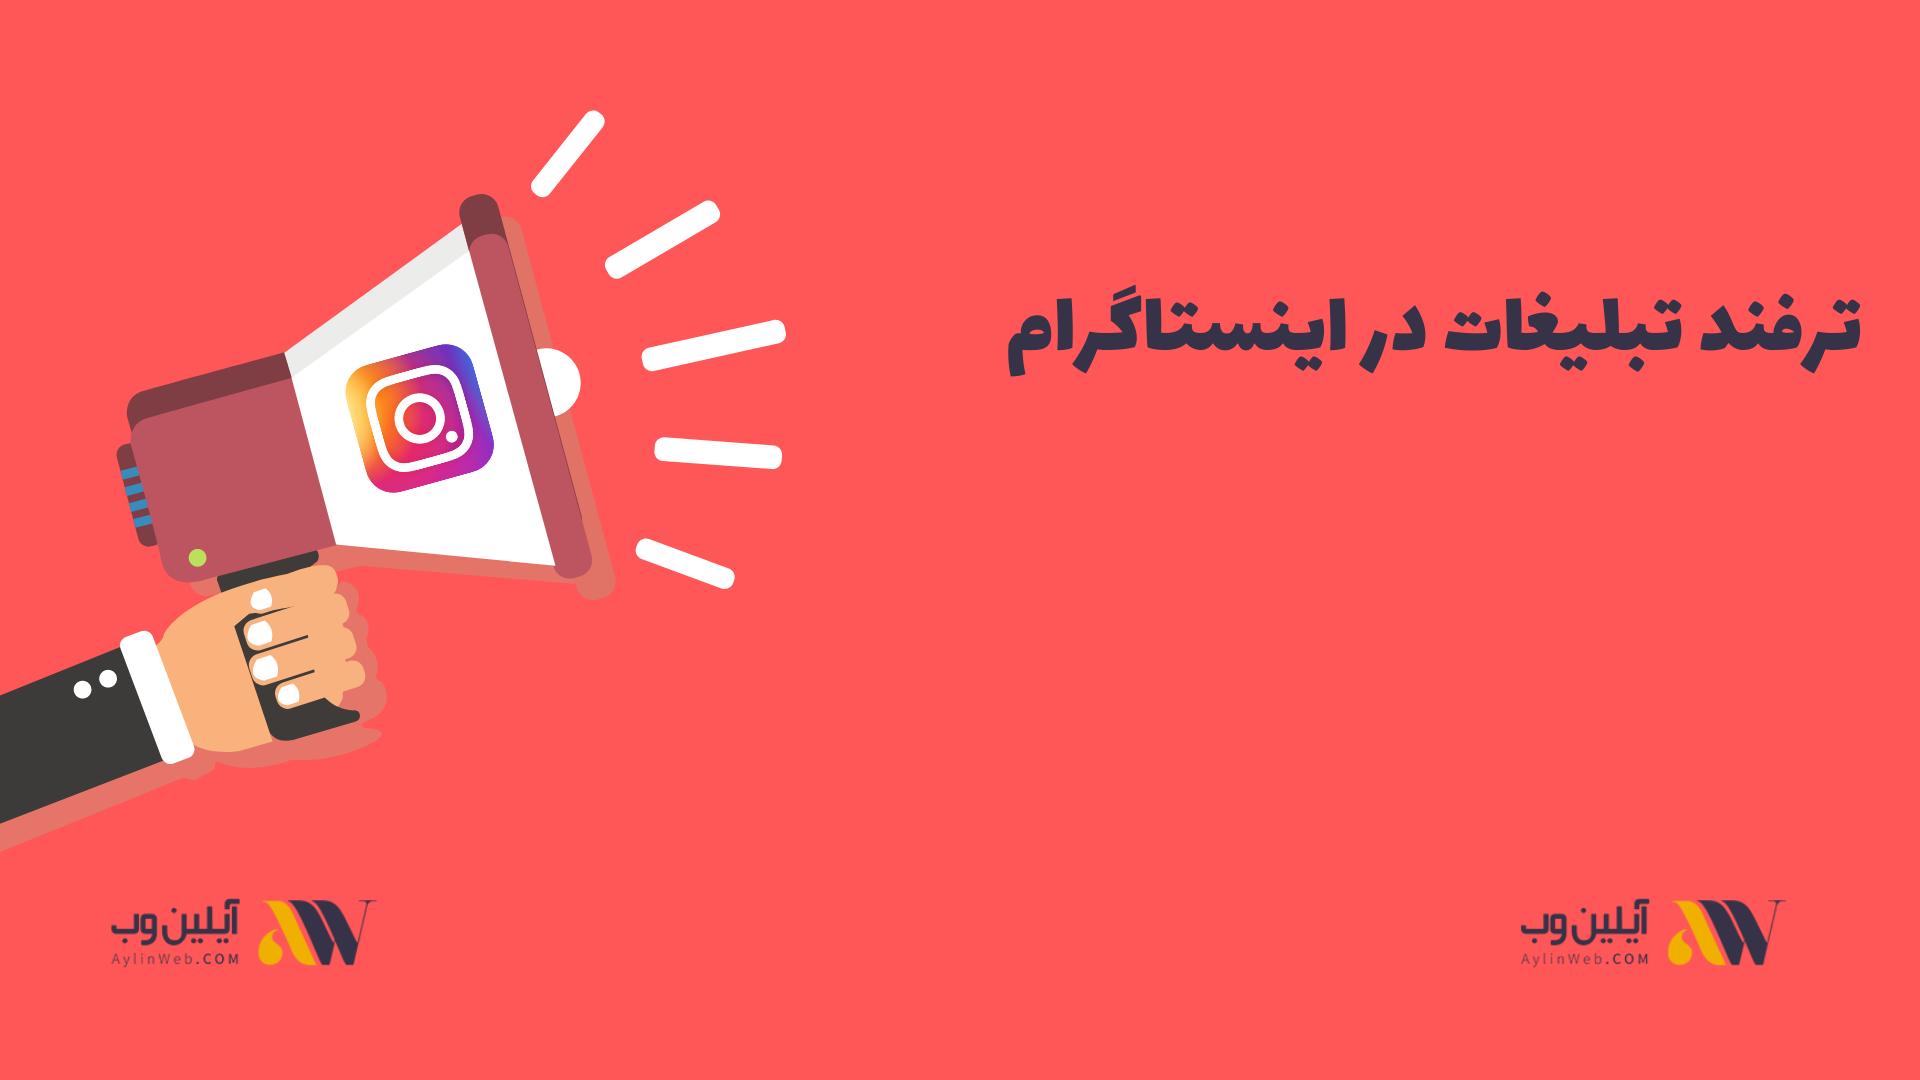 ترفند تبلیغات در اینستاگرام